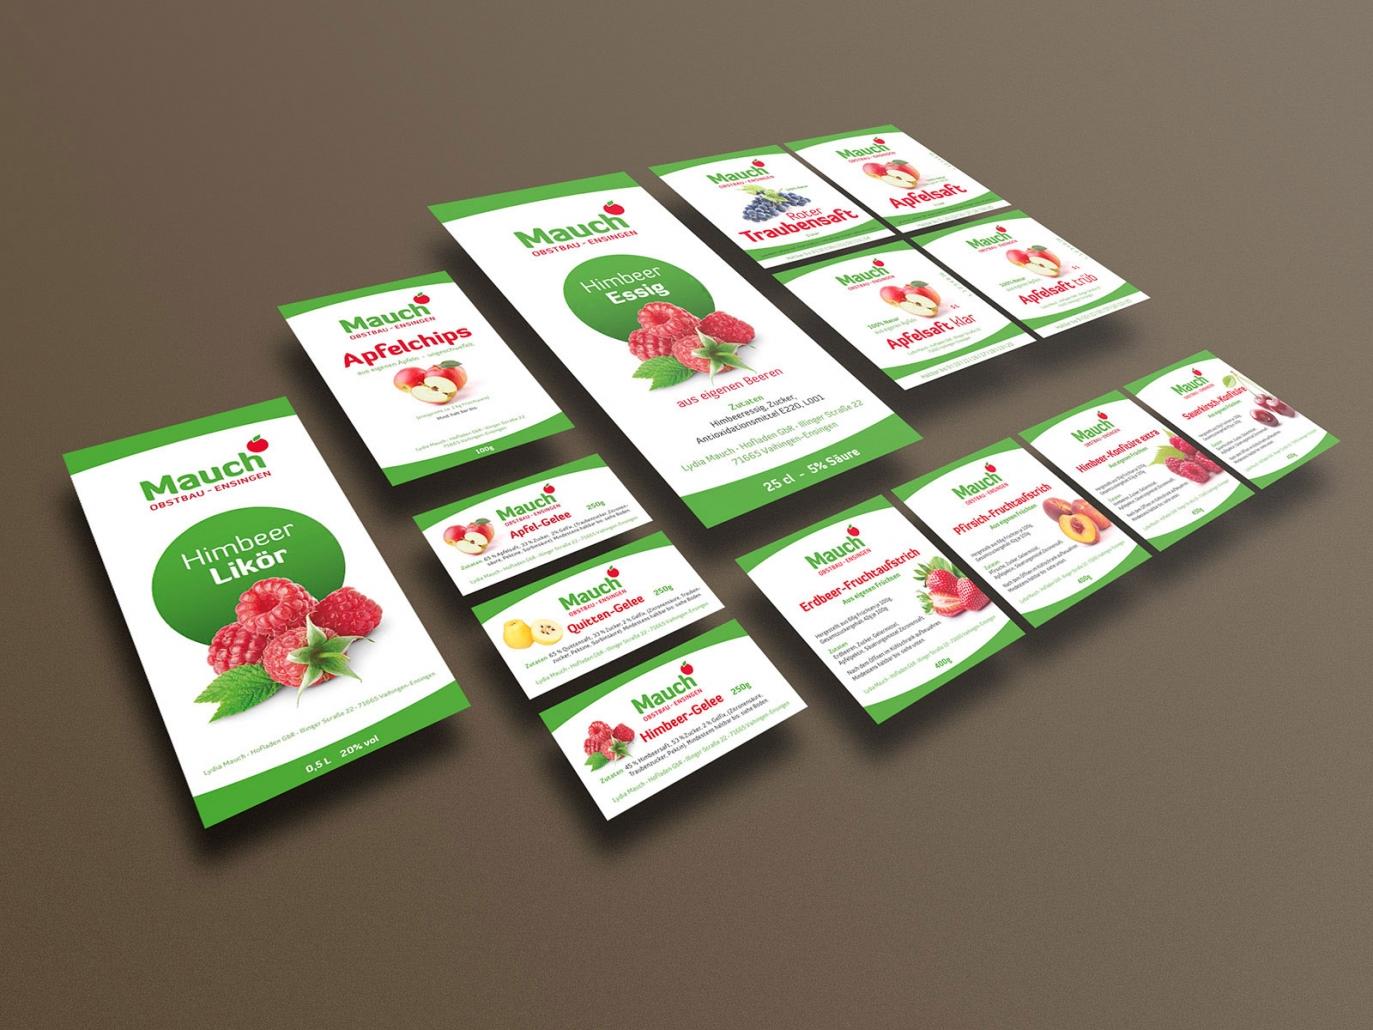 Etiketten für Flaschen, Gläser und Verpackungen für Obstbau Mauch